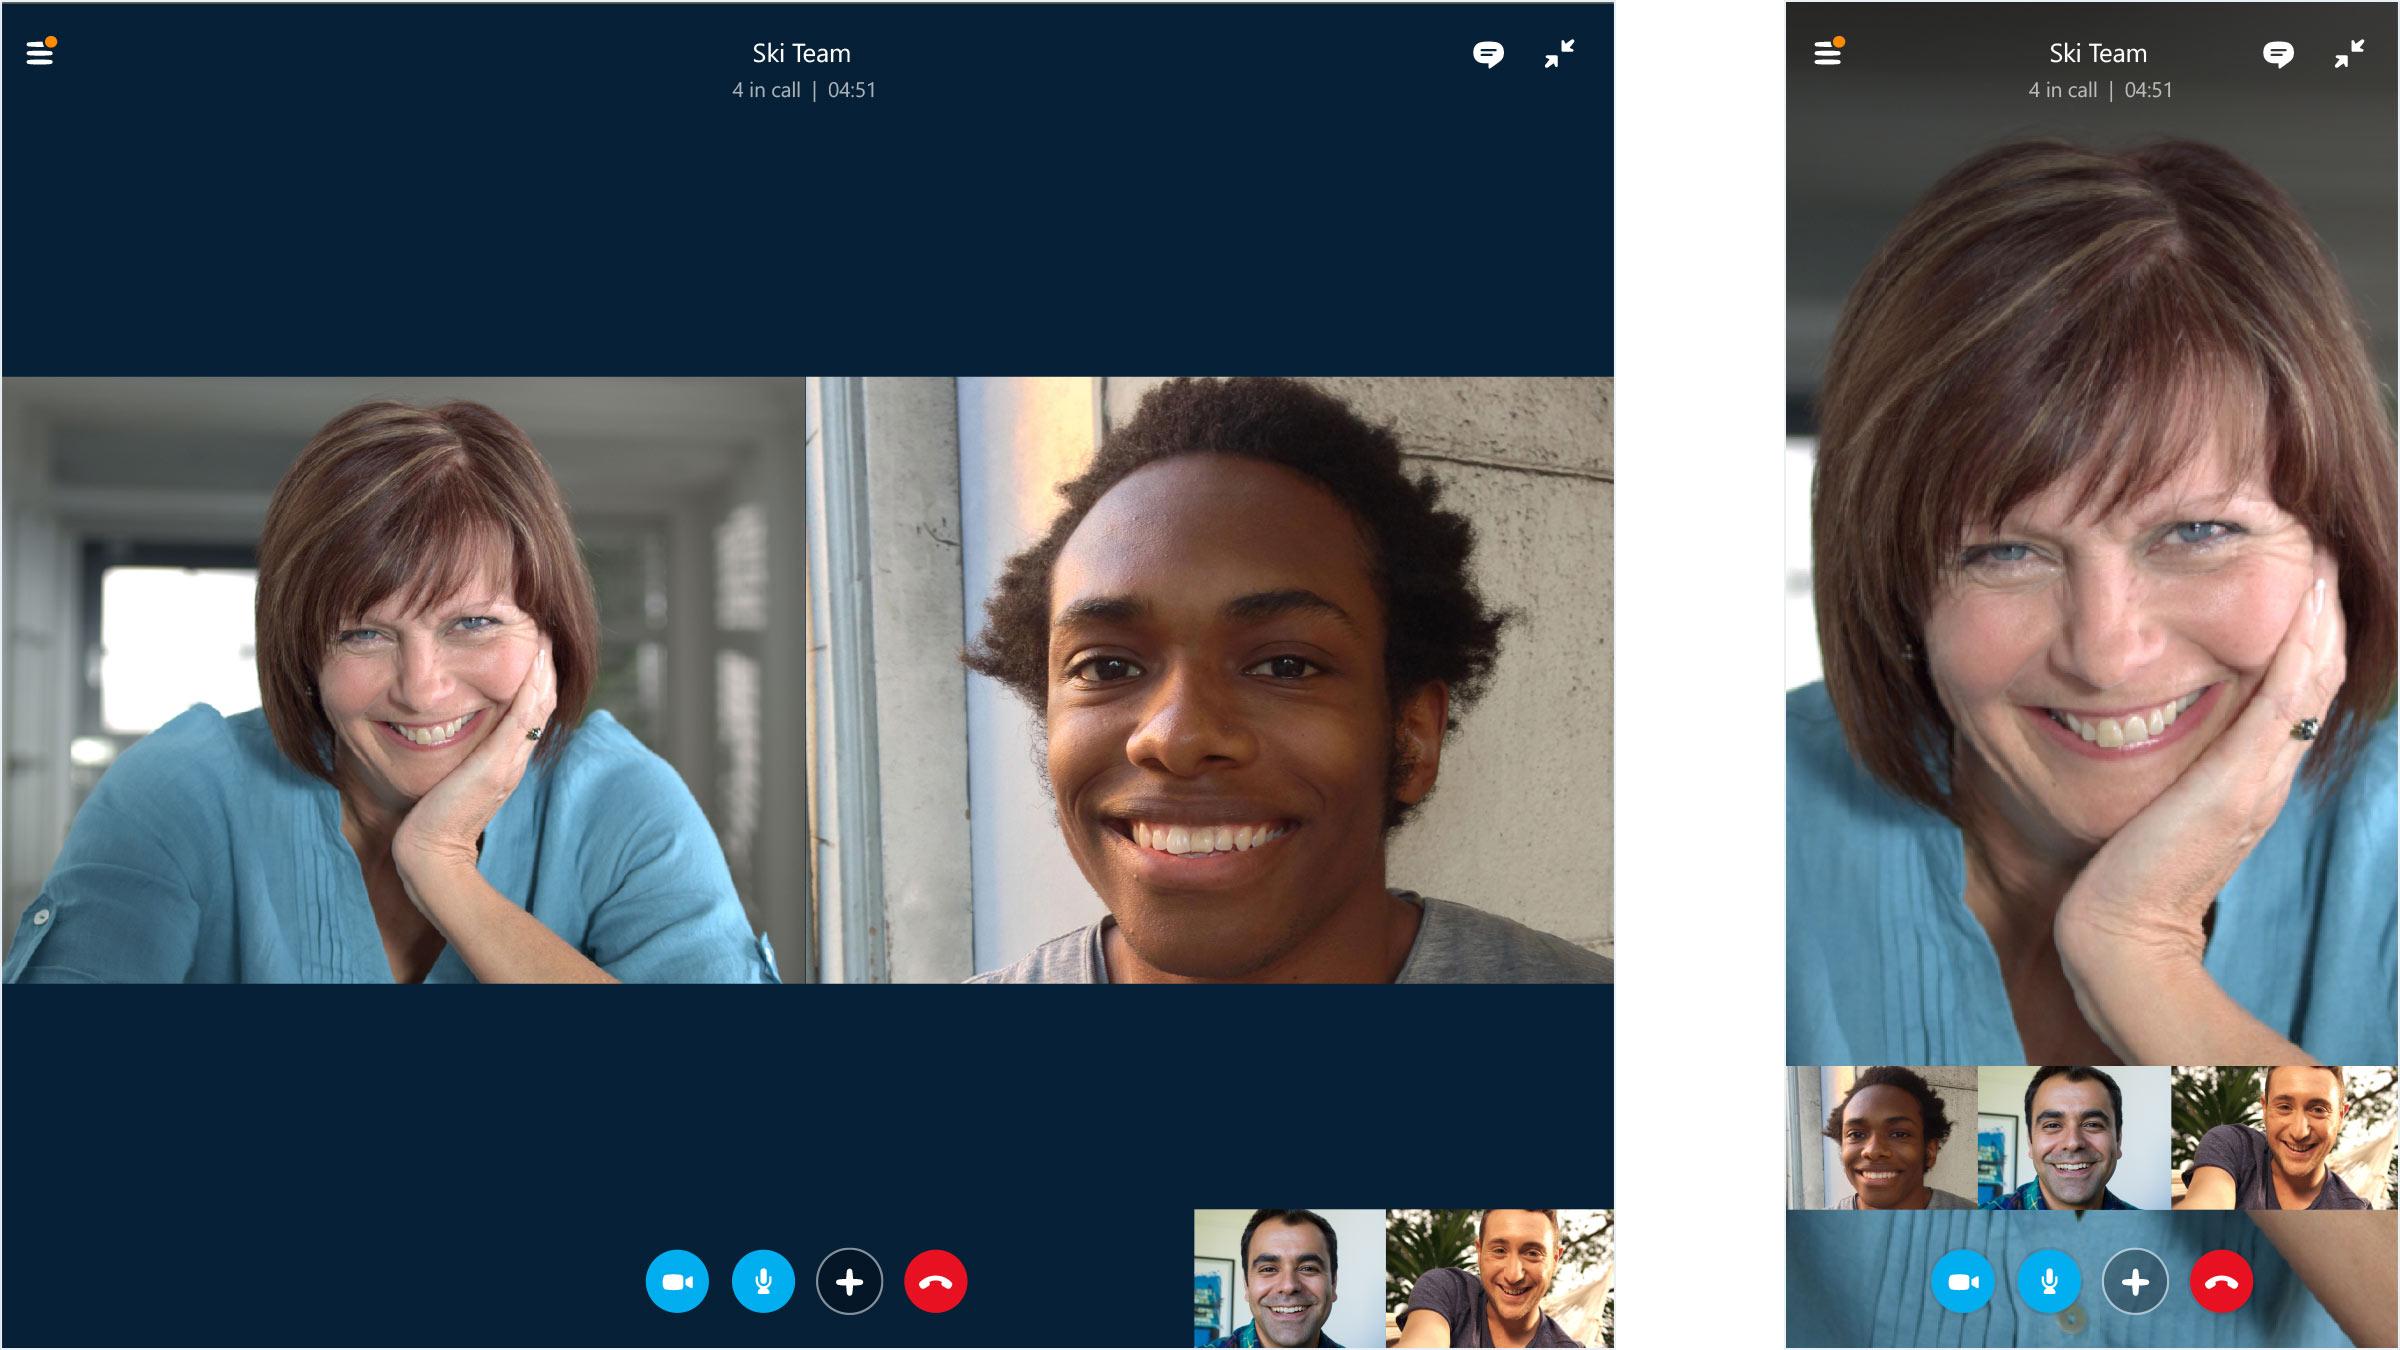 web-call-group-small.jpg